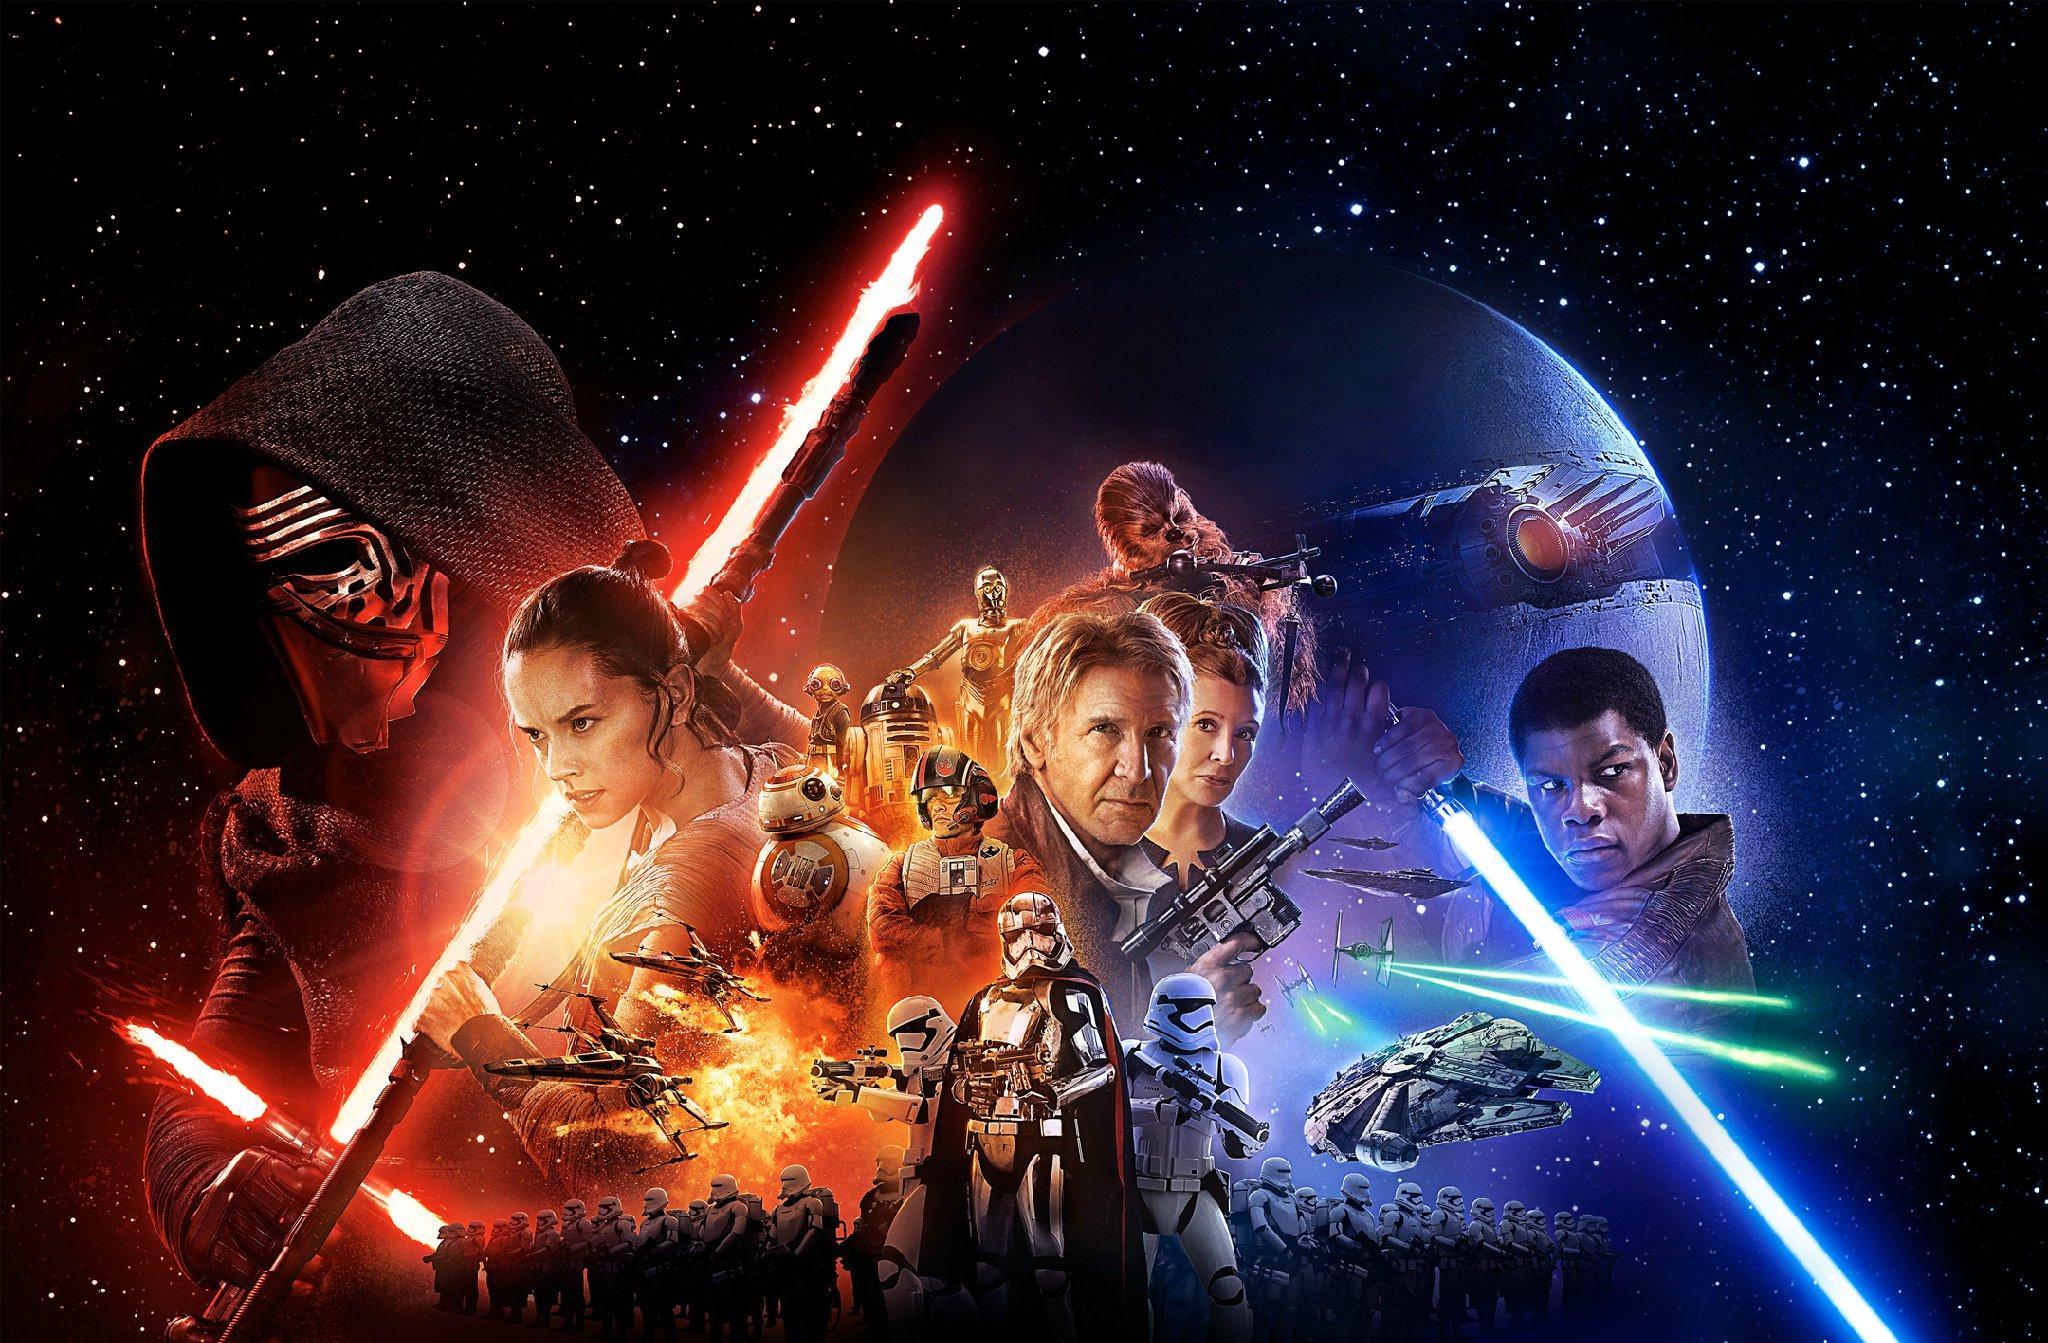 关于《星球大战:最后的绝地》,我们现在知道什么?